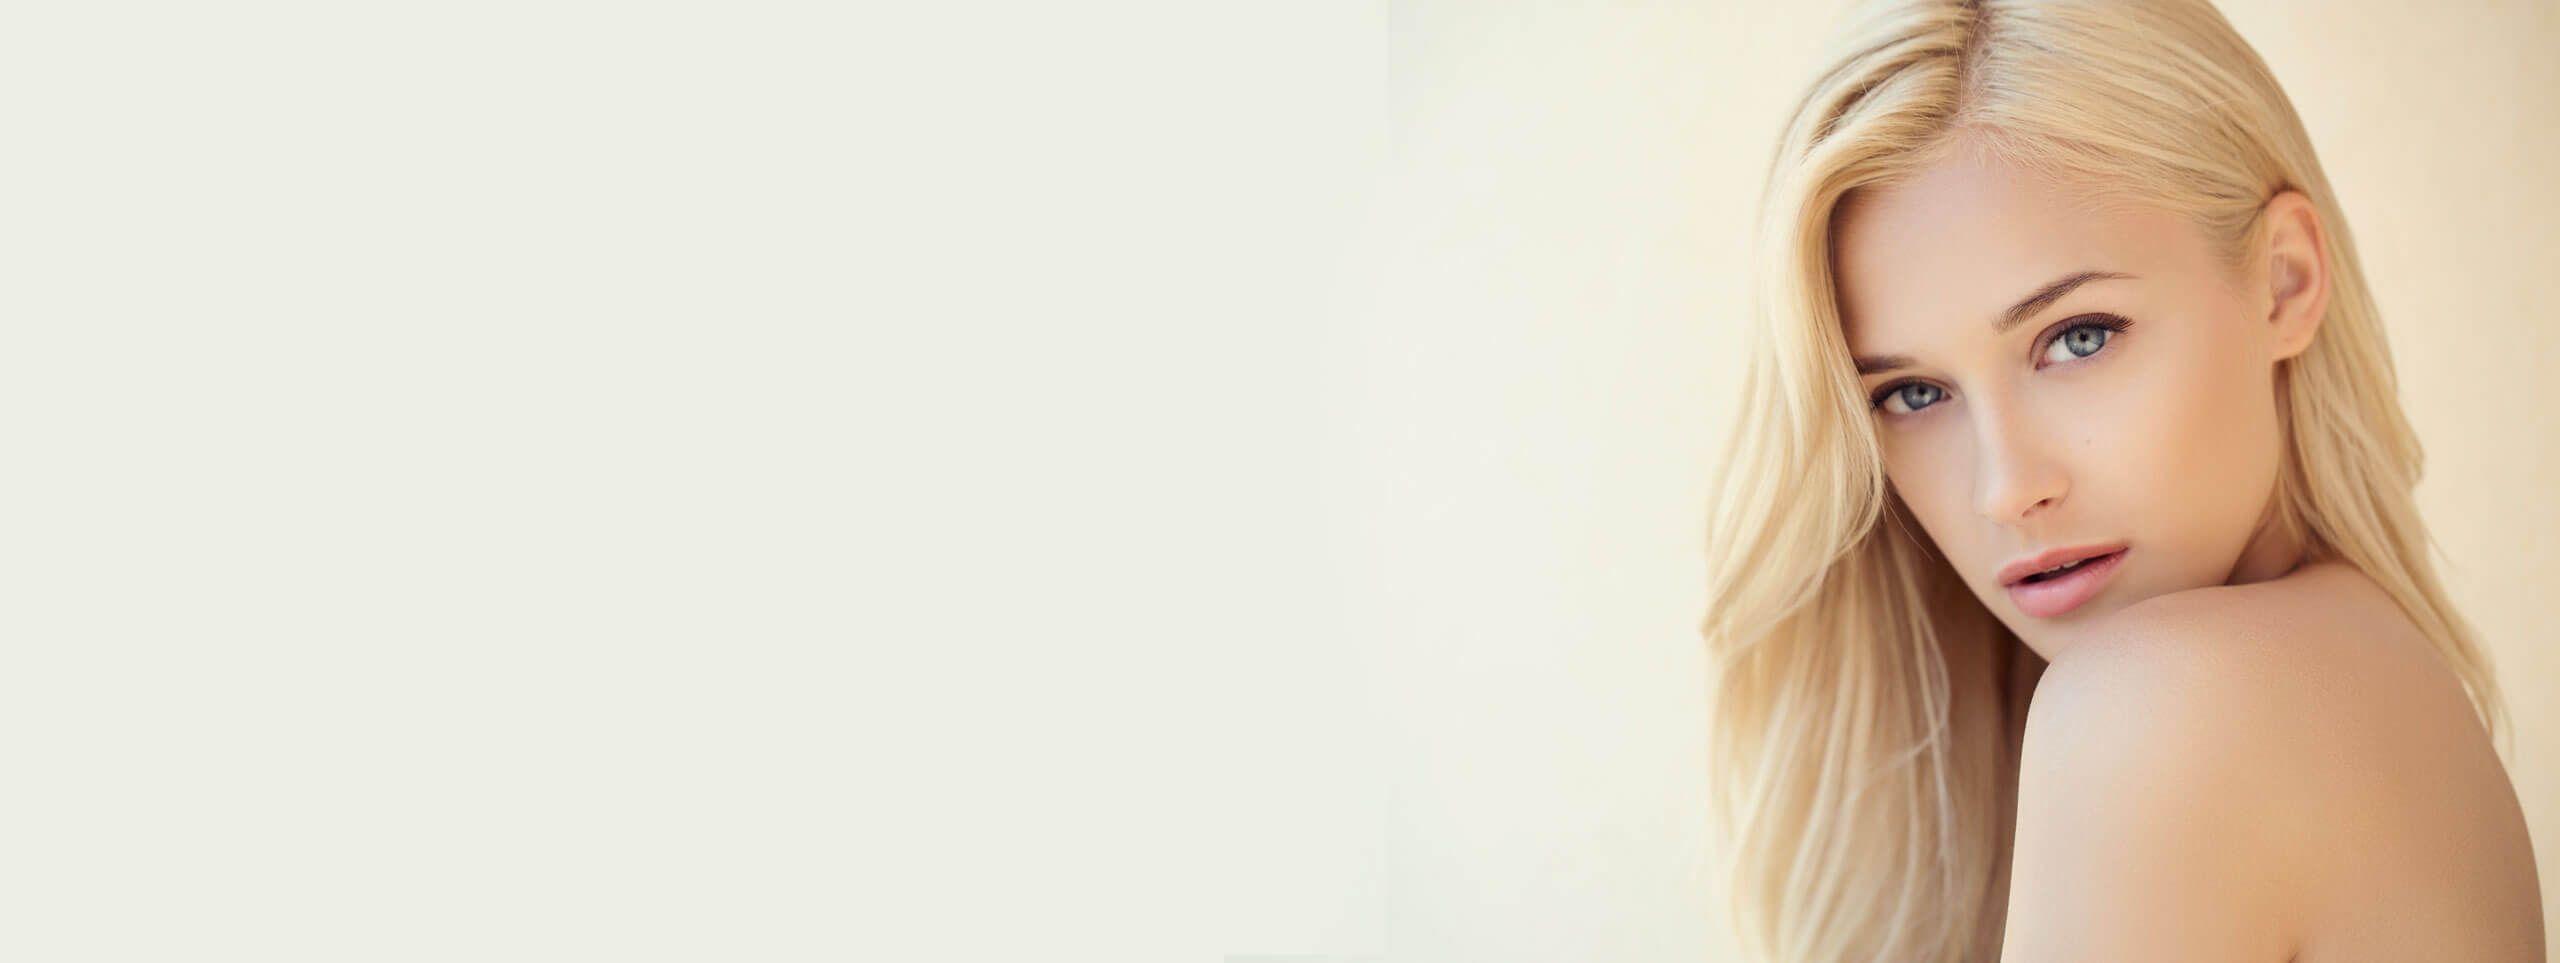 Kobieta z długimi blond włosami